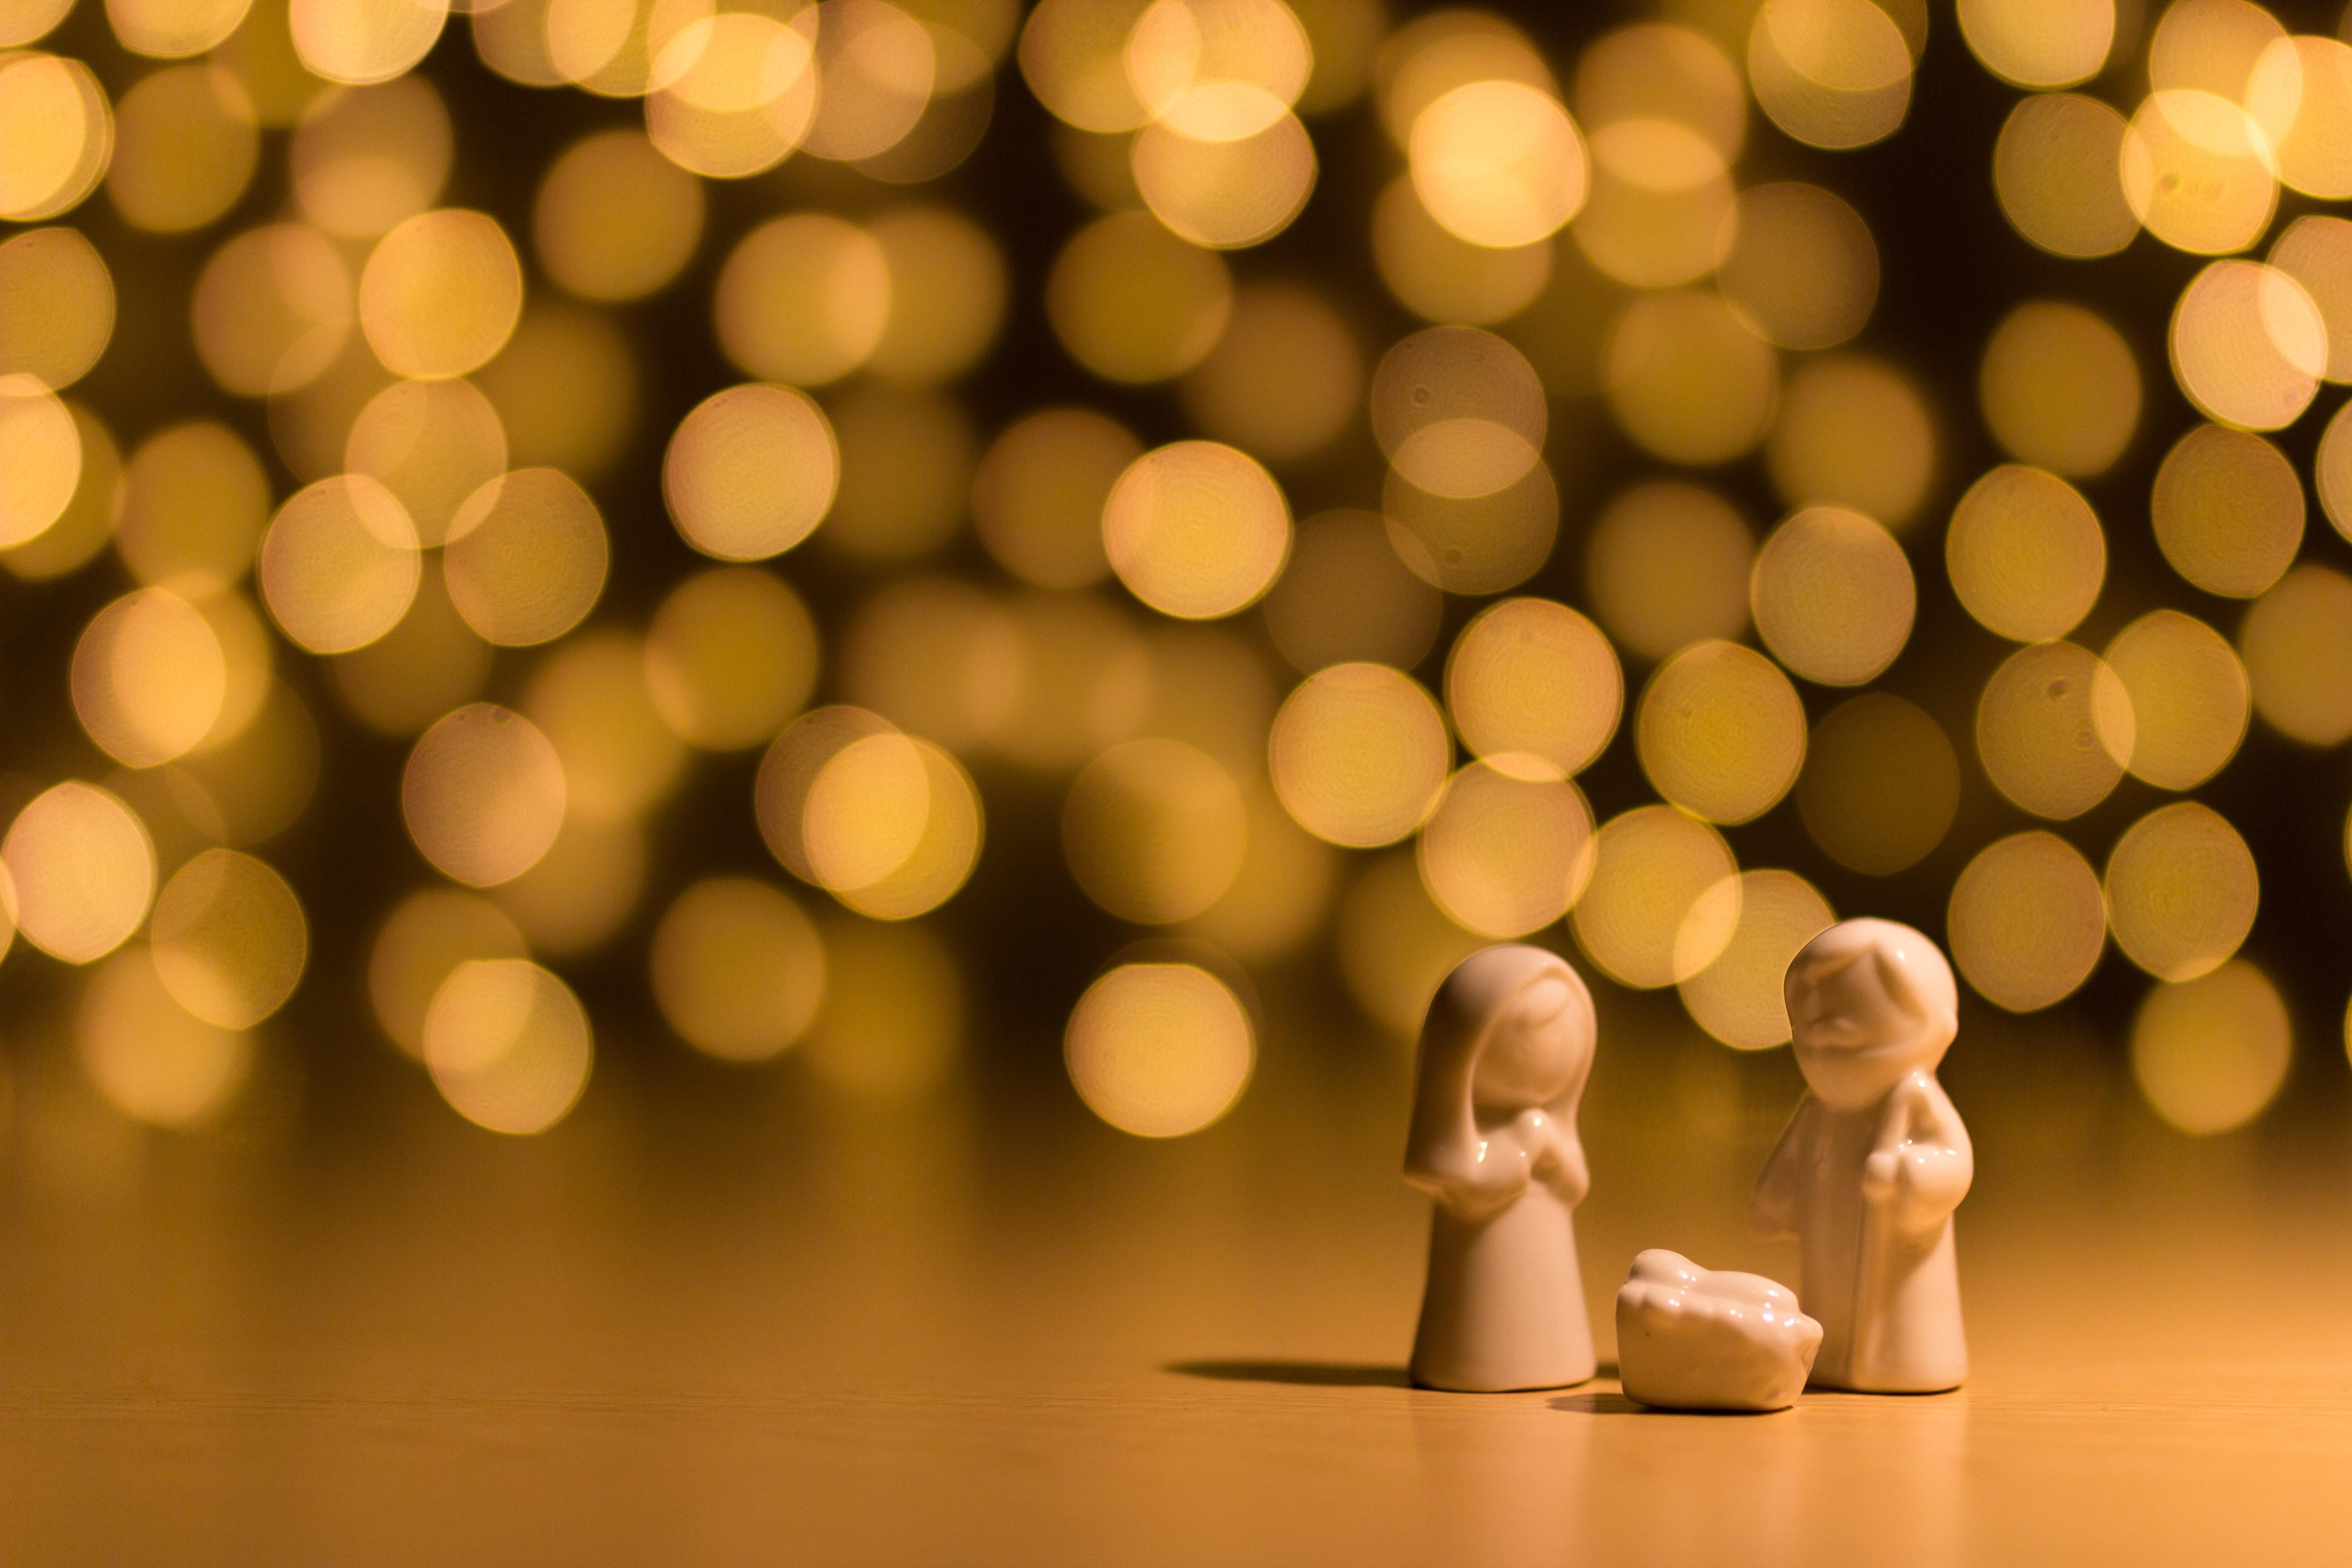 Julkrubbefigurer, Josef, Maria och Jesusbarnet i krubban, framför en massa lampor ur fokus i bakgrunden.